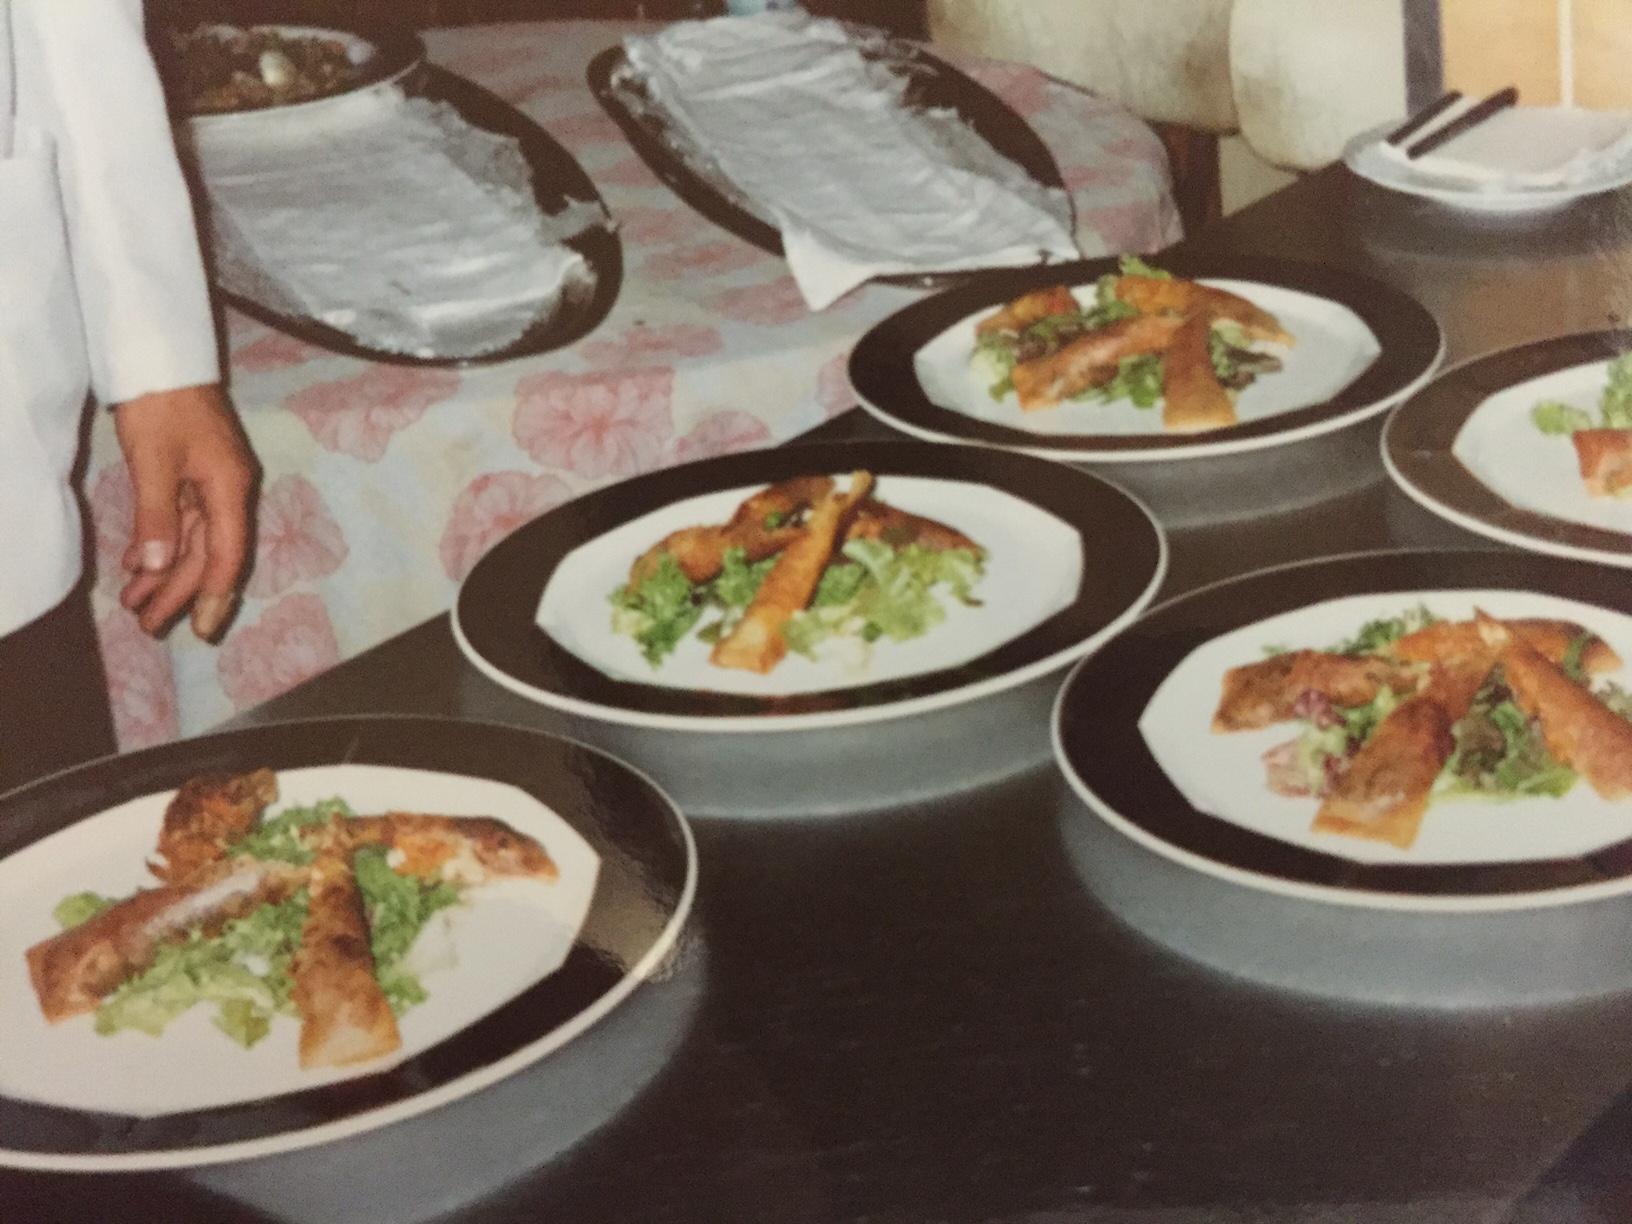 料理初心者でもおいしく作るには?料理の基本を知る!